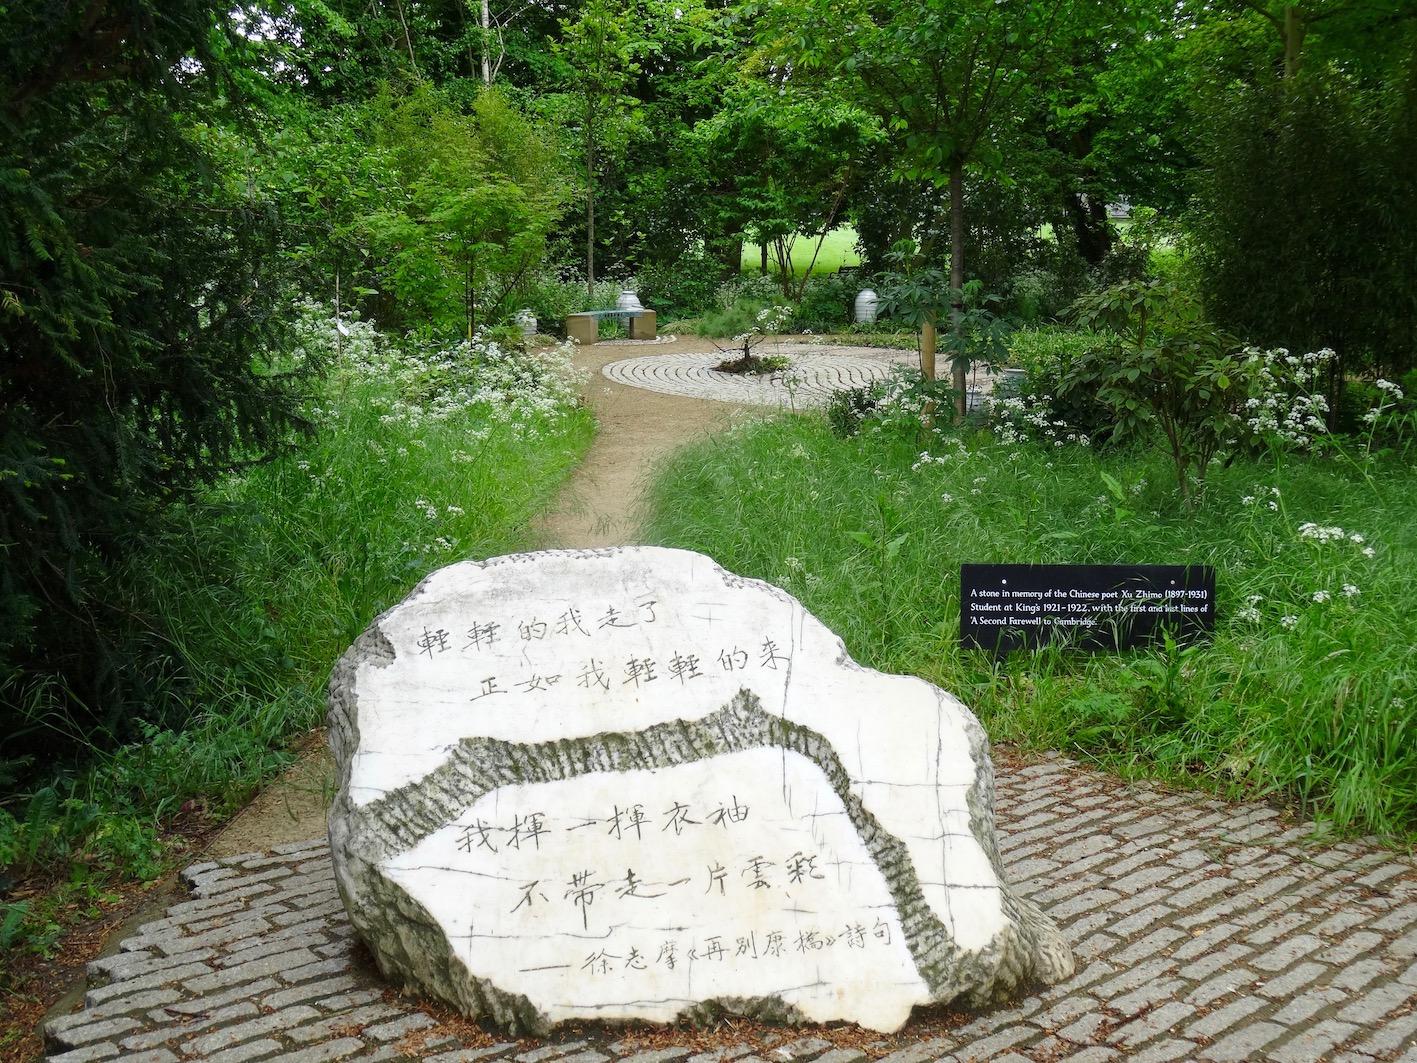 xu-zhimo-memorial-garden-kings-college-cambridge.jpeg